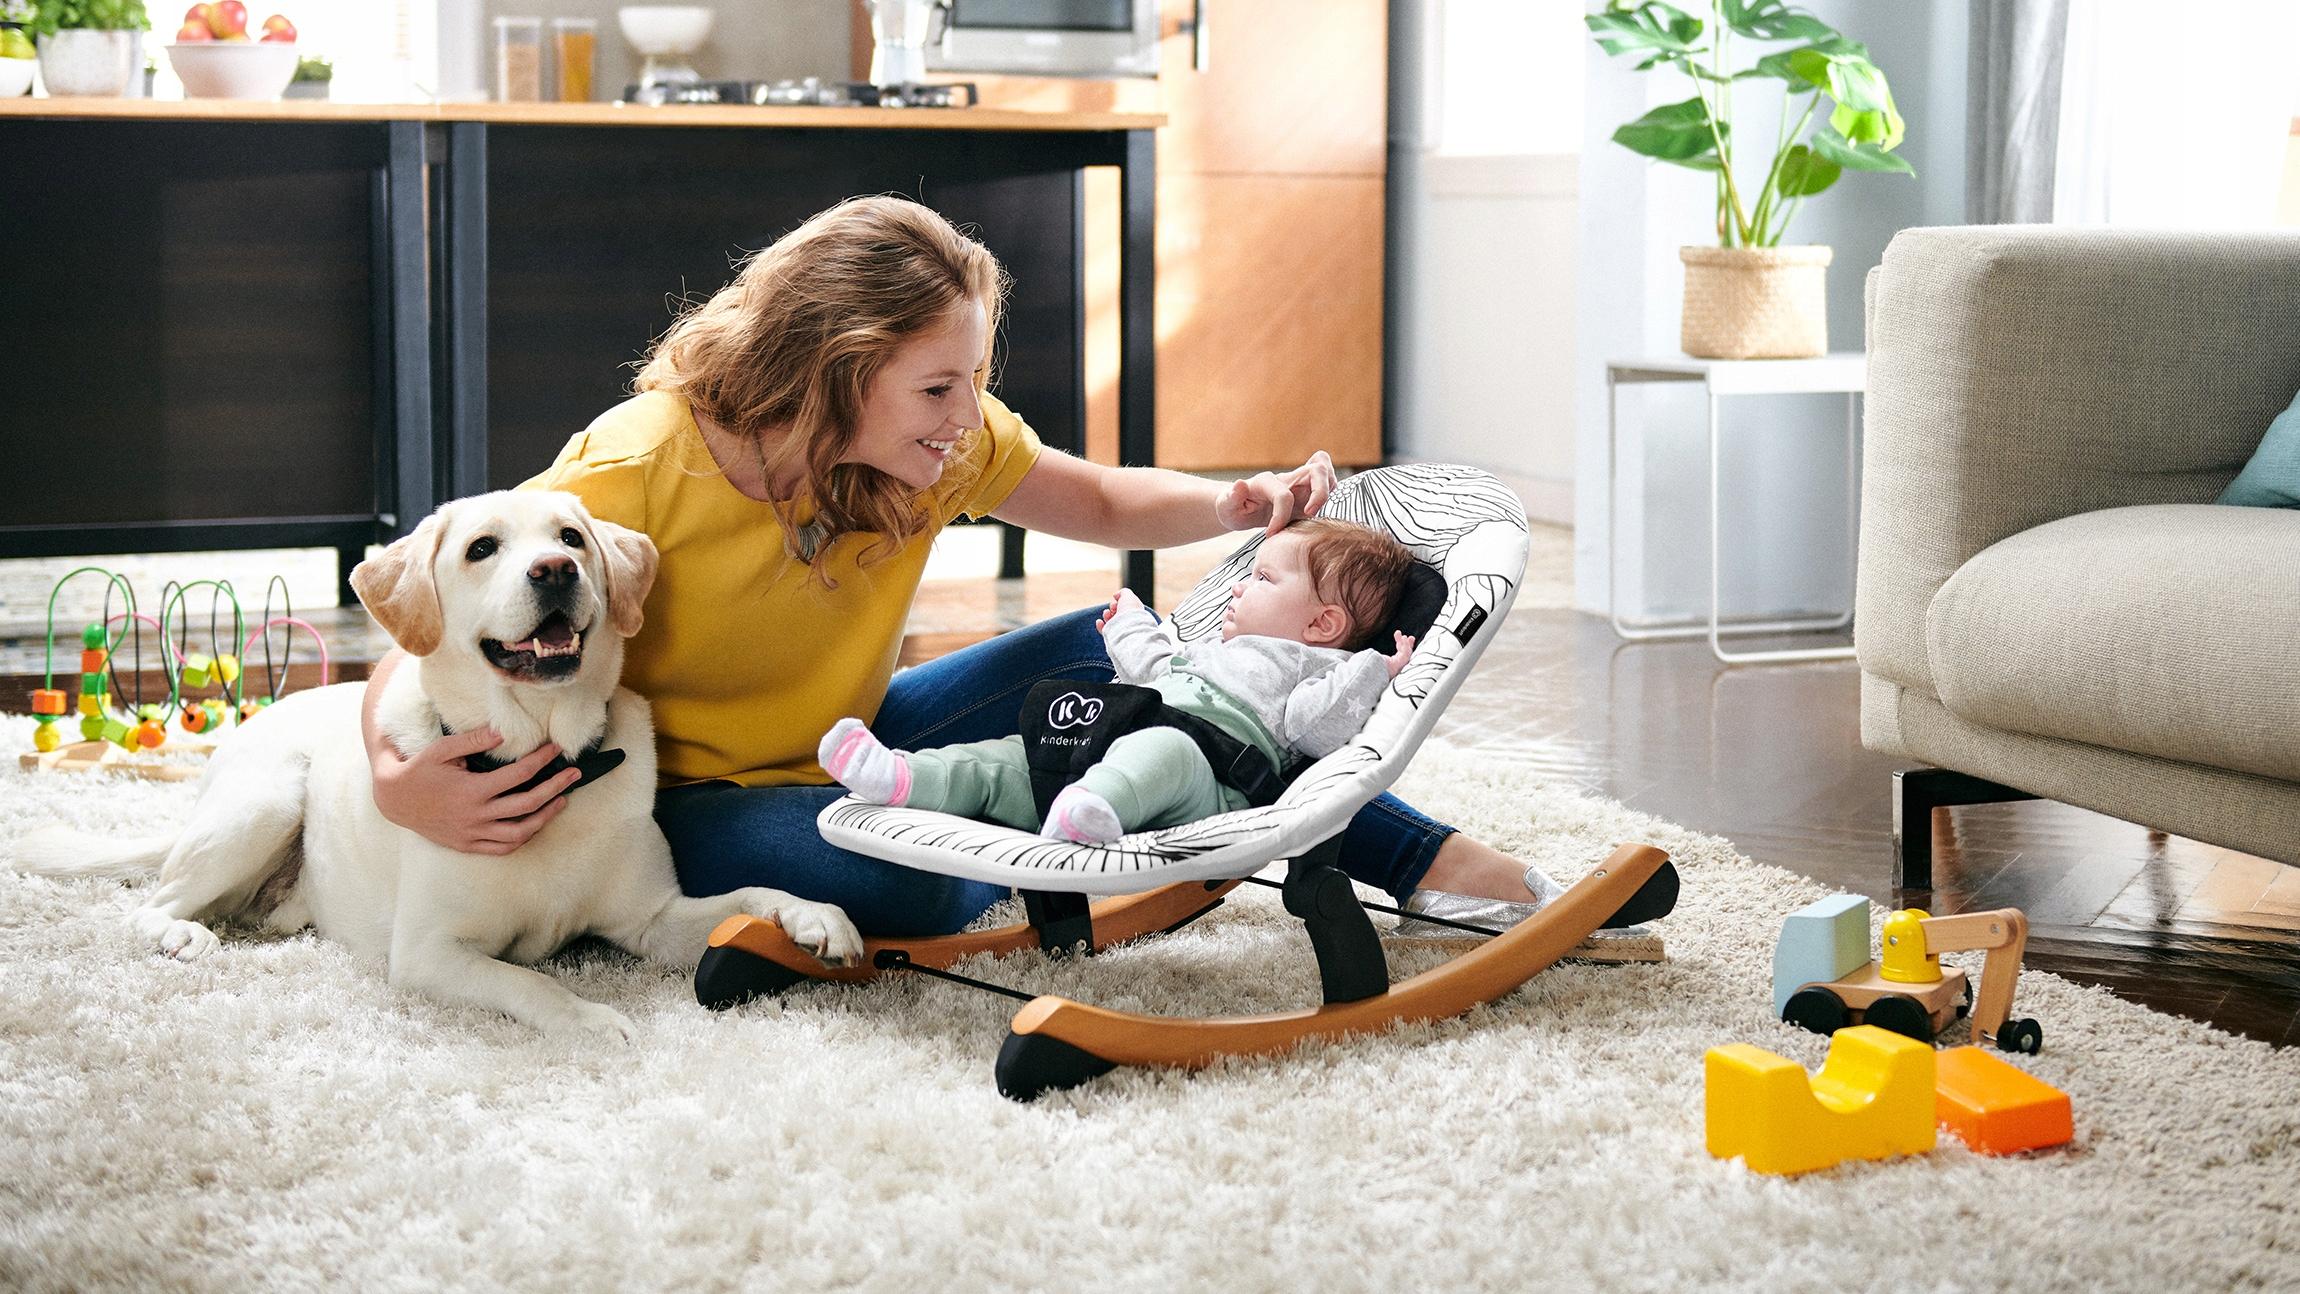 Кресло-качалка Стульчик для кормления Киндеркрафт Кресло вес 5.1 кг